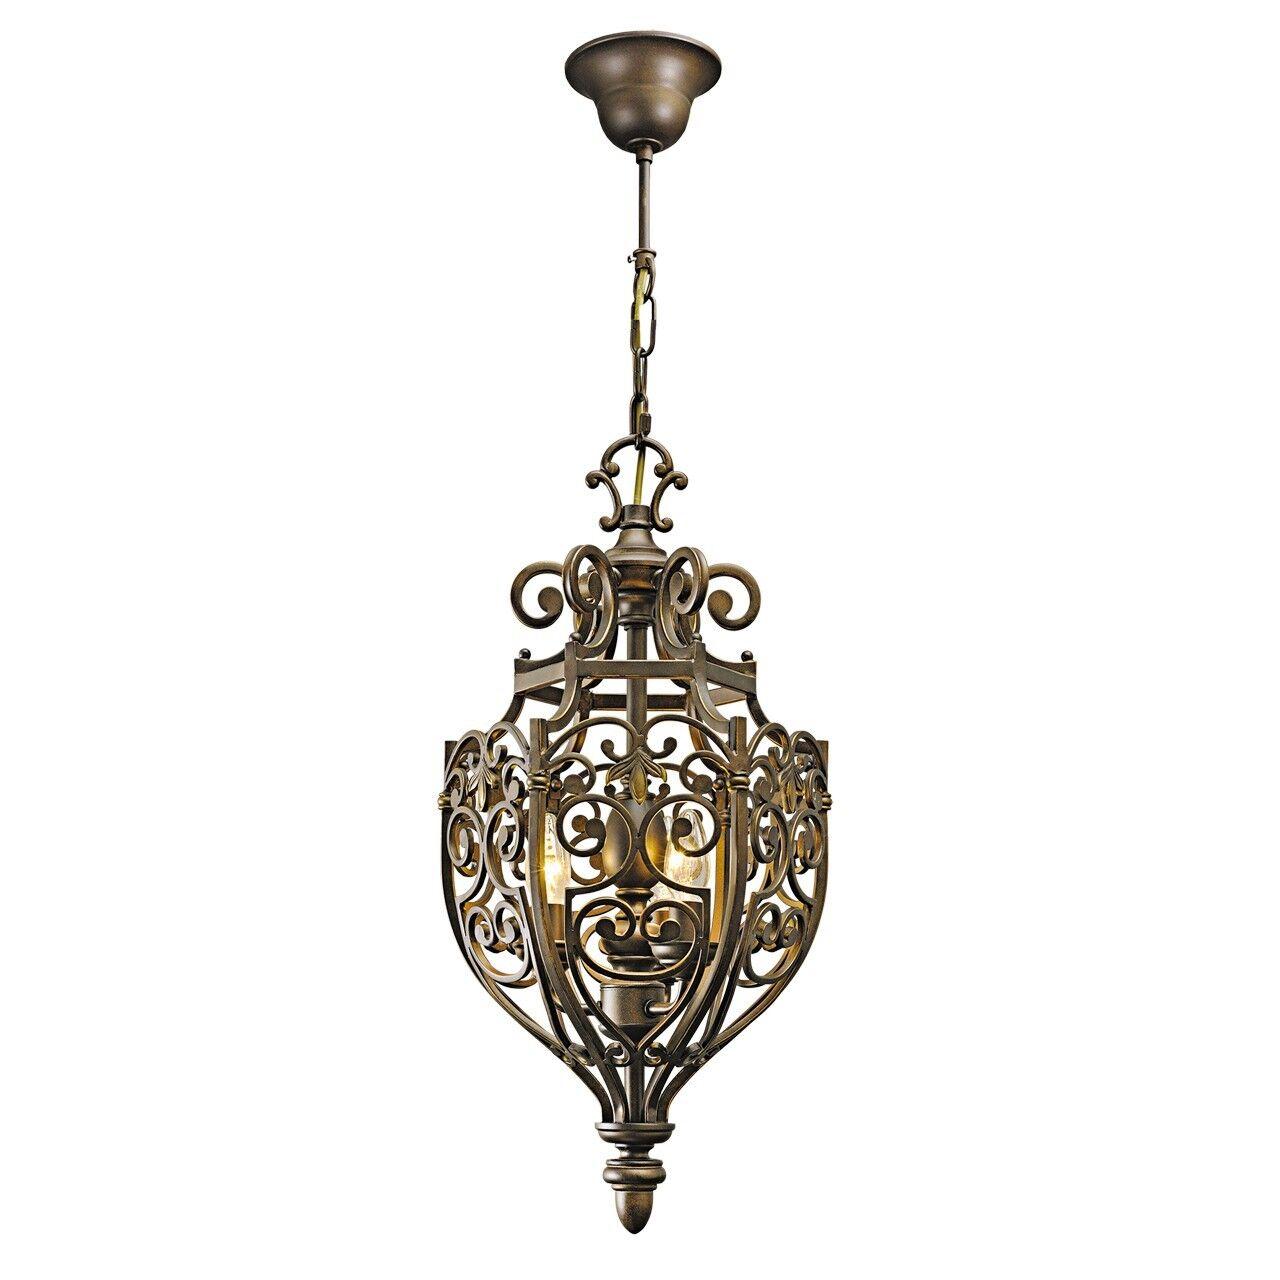 Lampadario a sospensione in ferro battuto in stile rustico 360W E14-escl